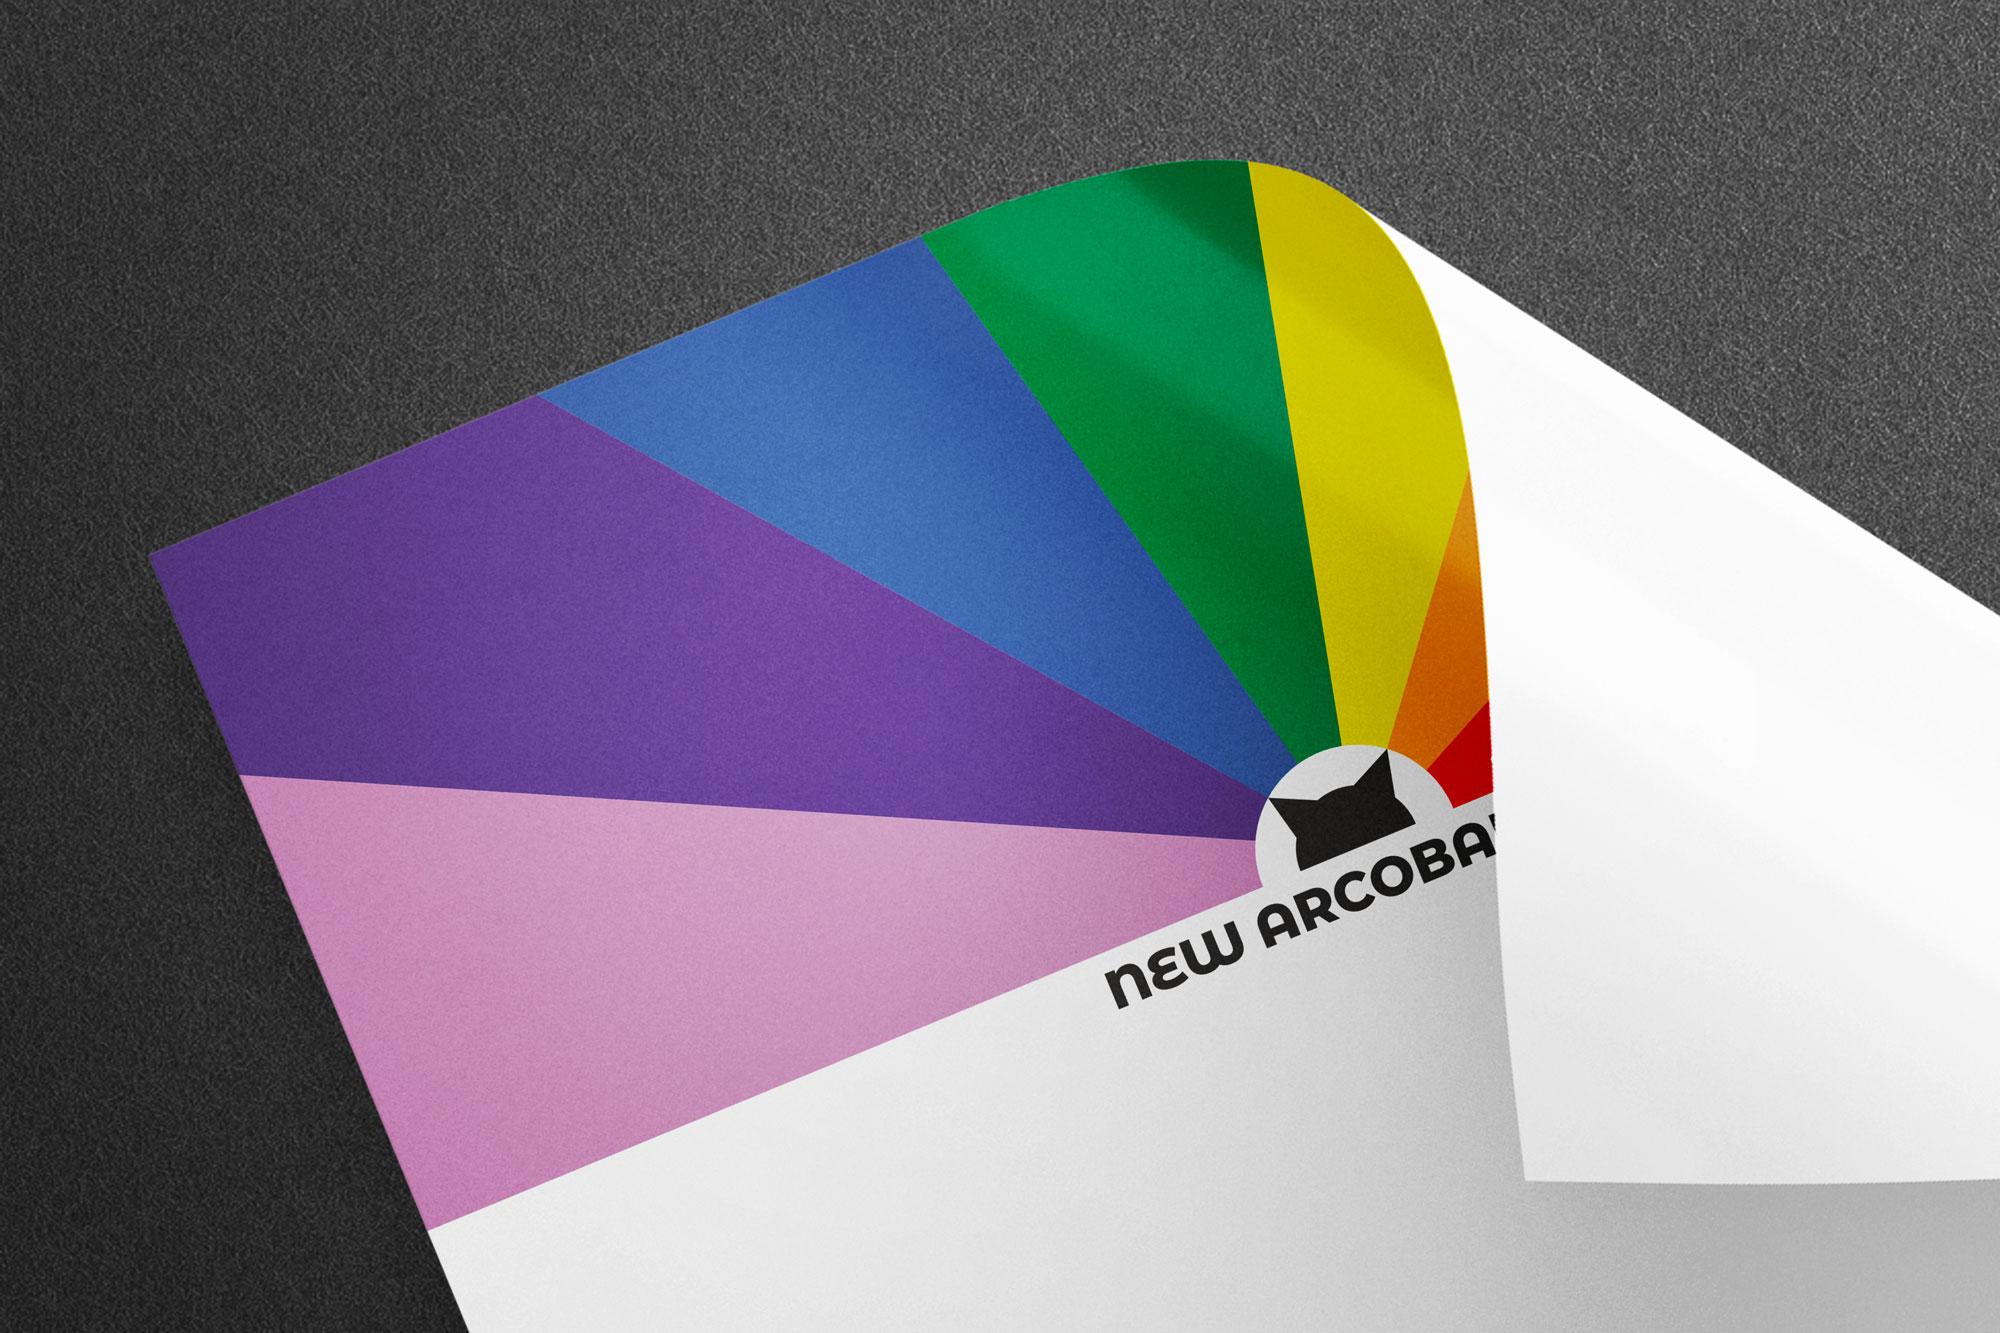 Carta Intestata con il logo e la brand identity de New Arcobaleno